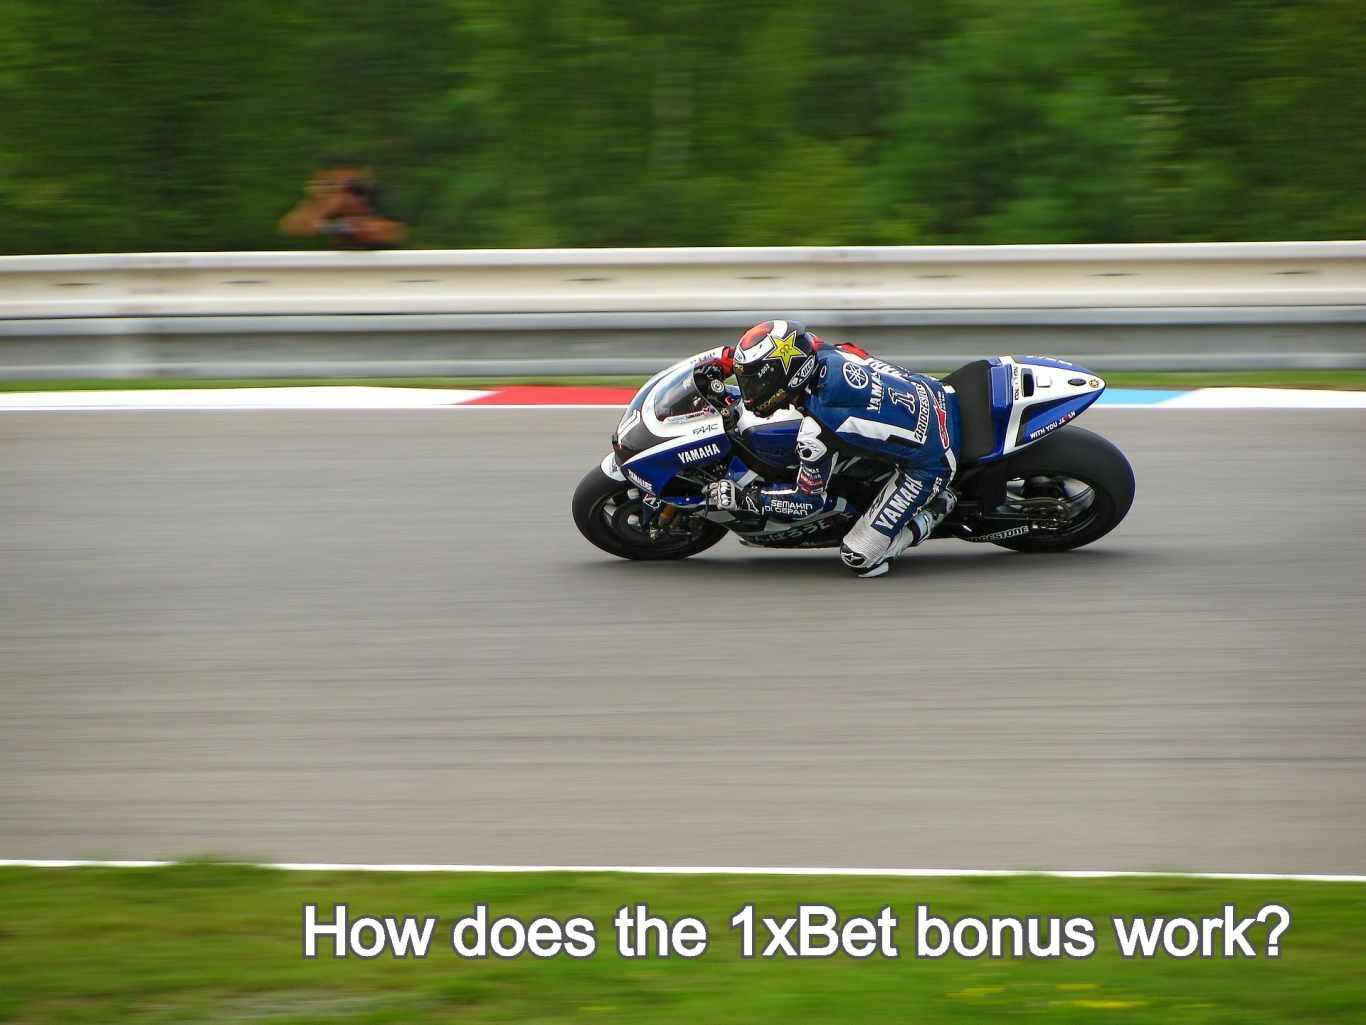 How does the 1xBet bonus work?